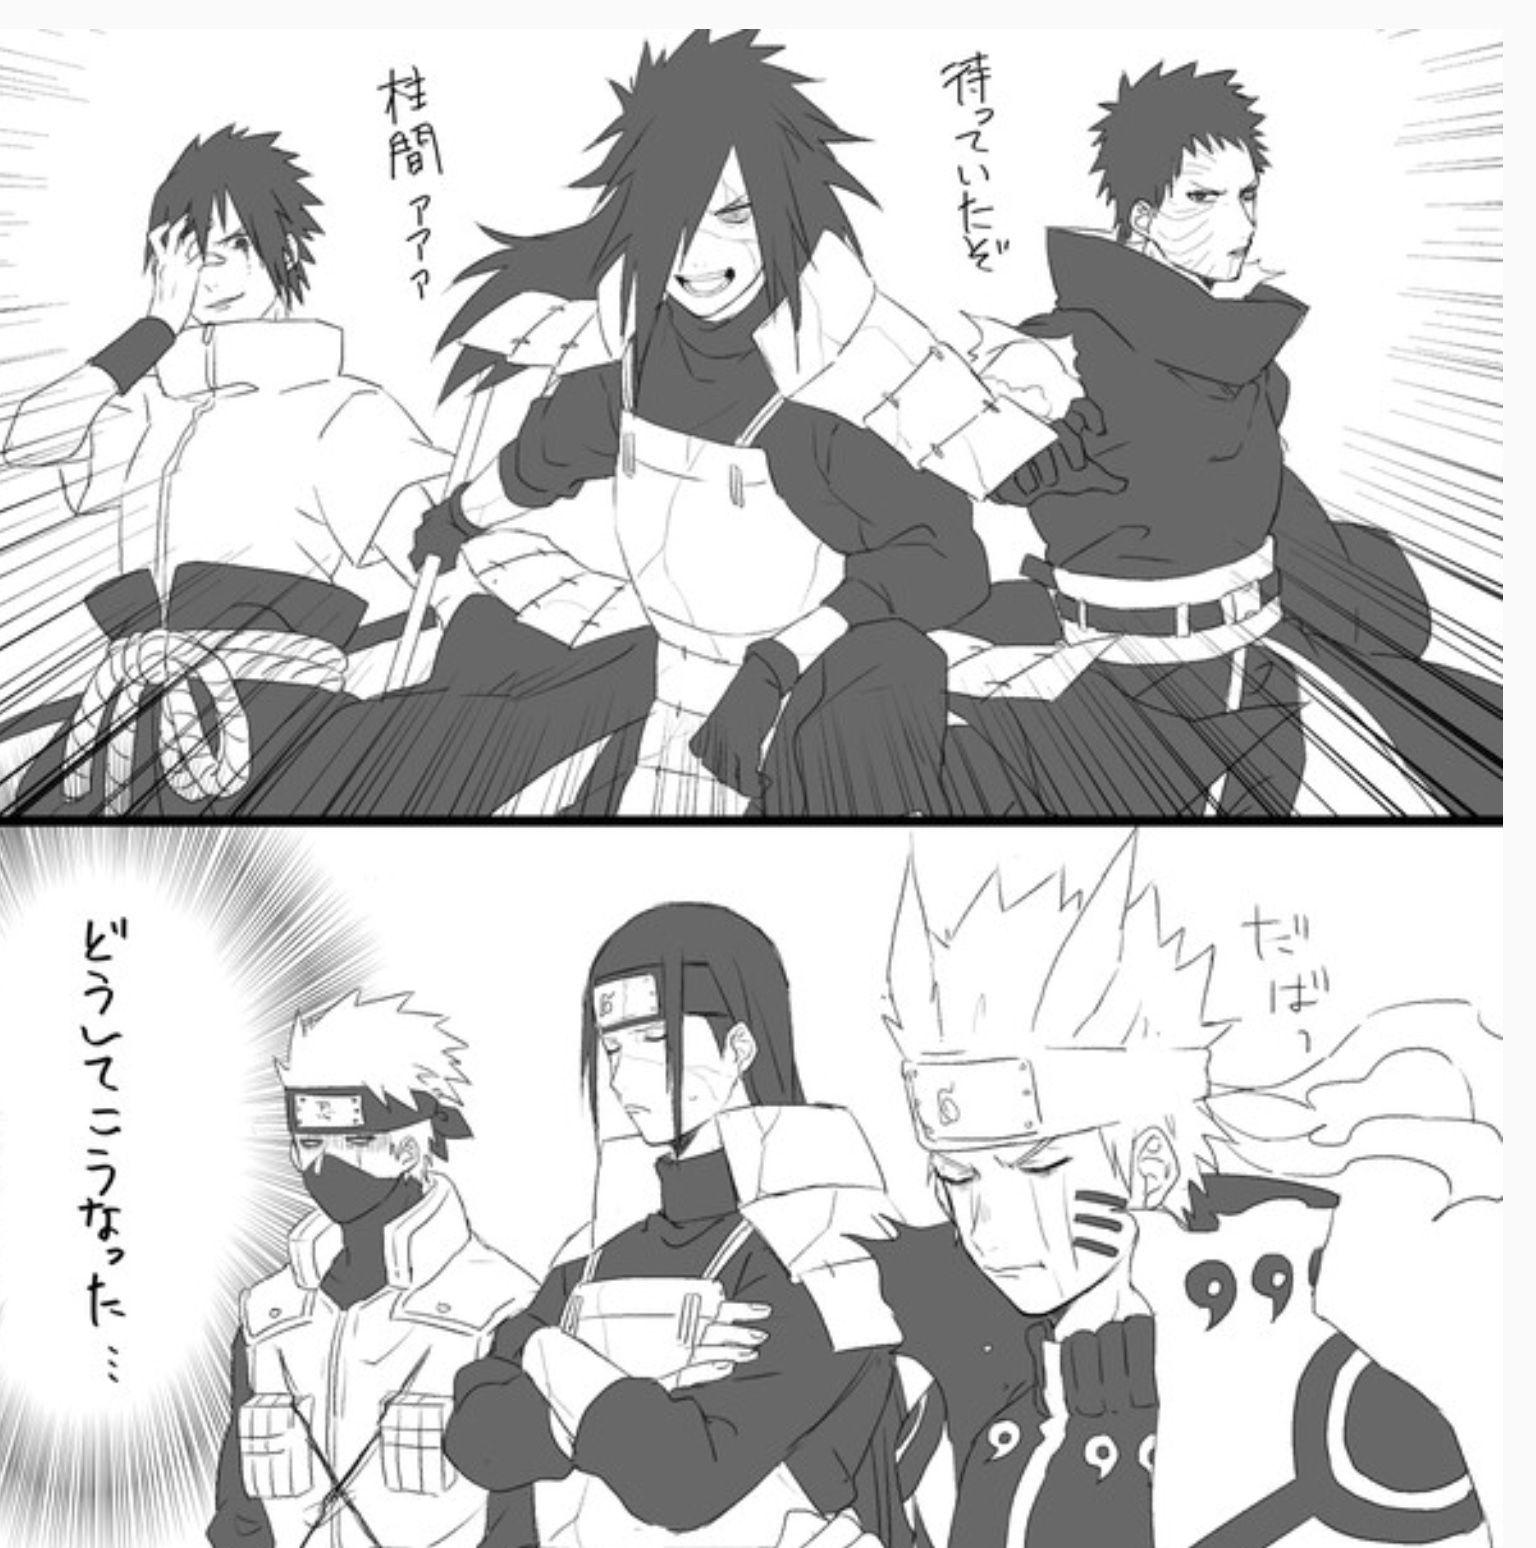 sasuke naruto madara hashirama obito kakashi naruto naruto kakashi naruto shippuden anime naruto